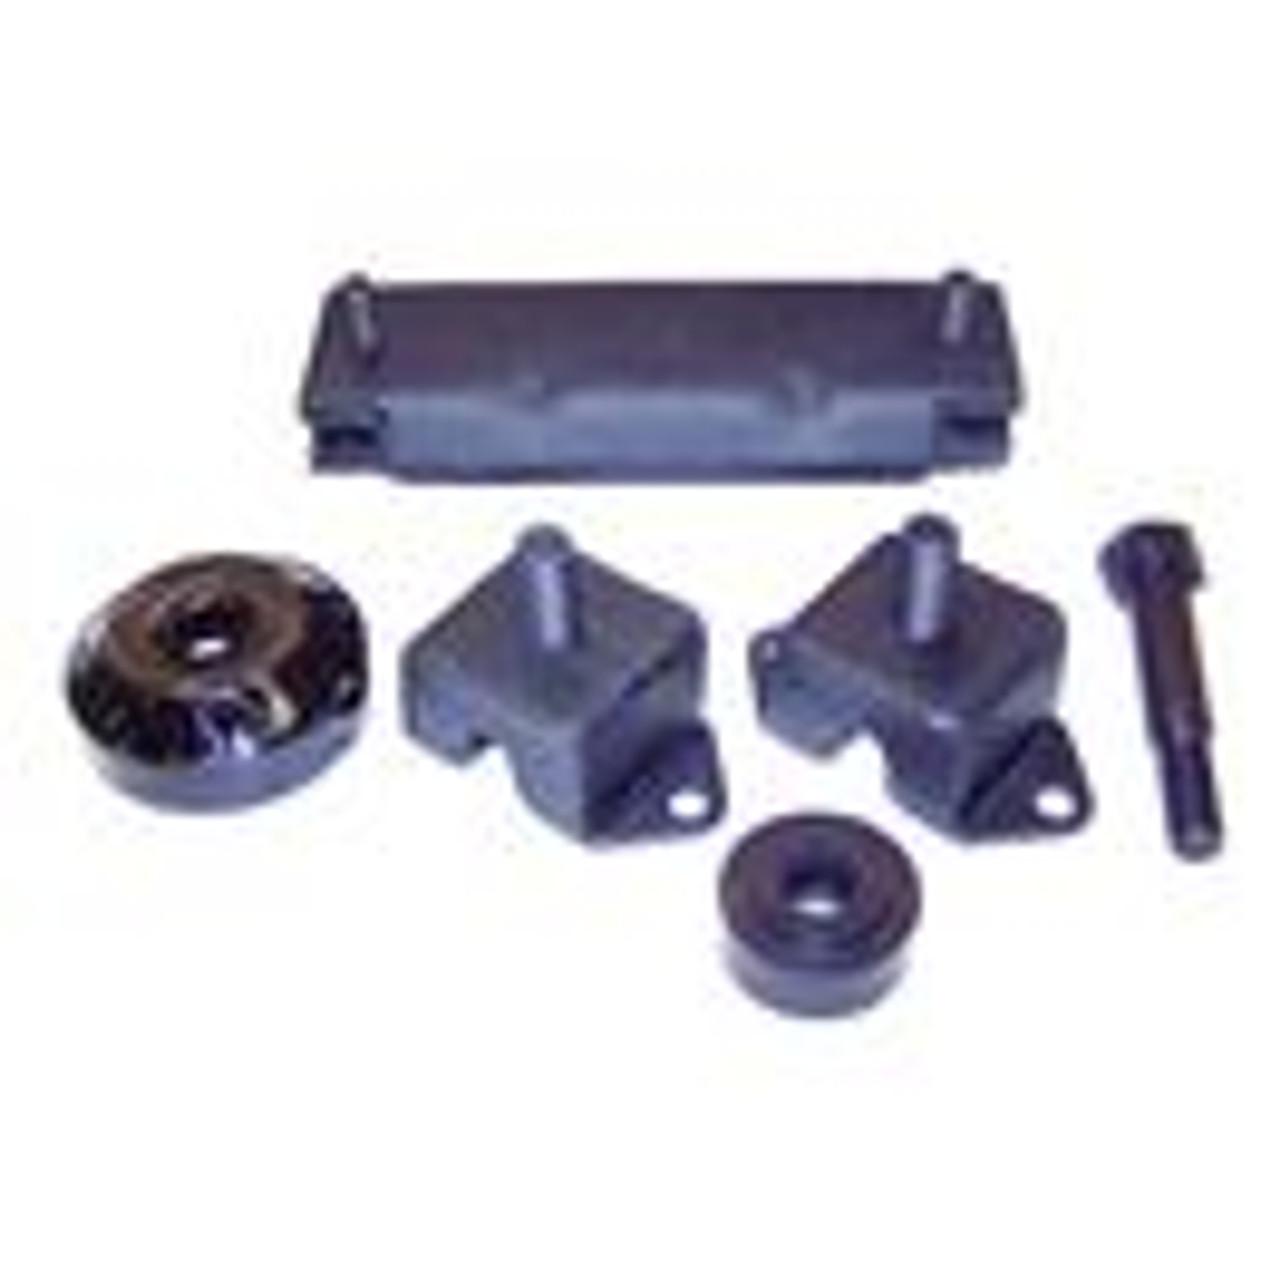 Motor Mount/Transmission Mount Kit